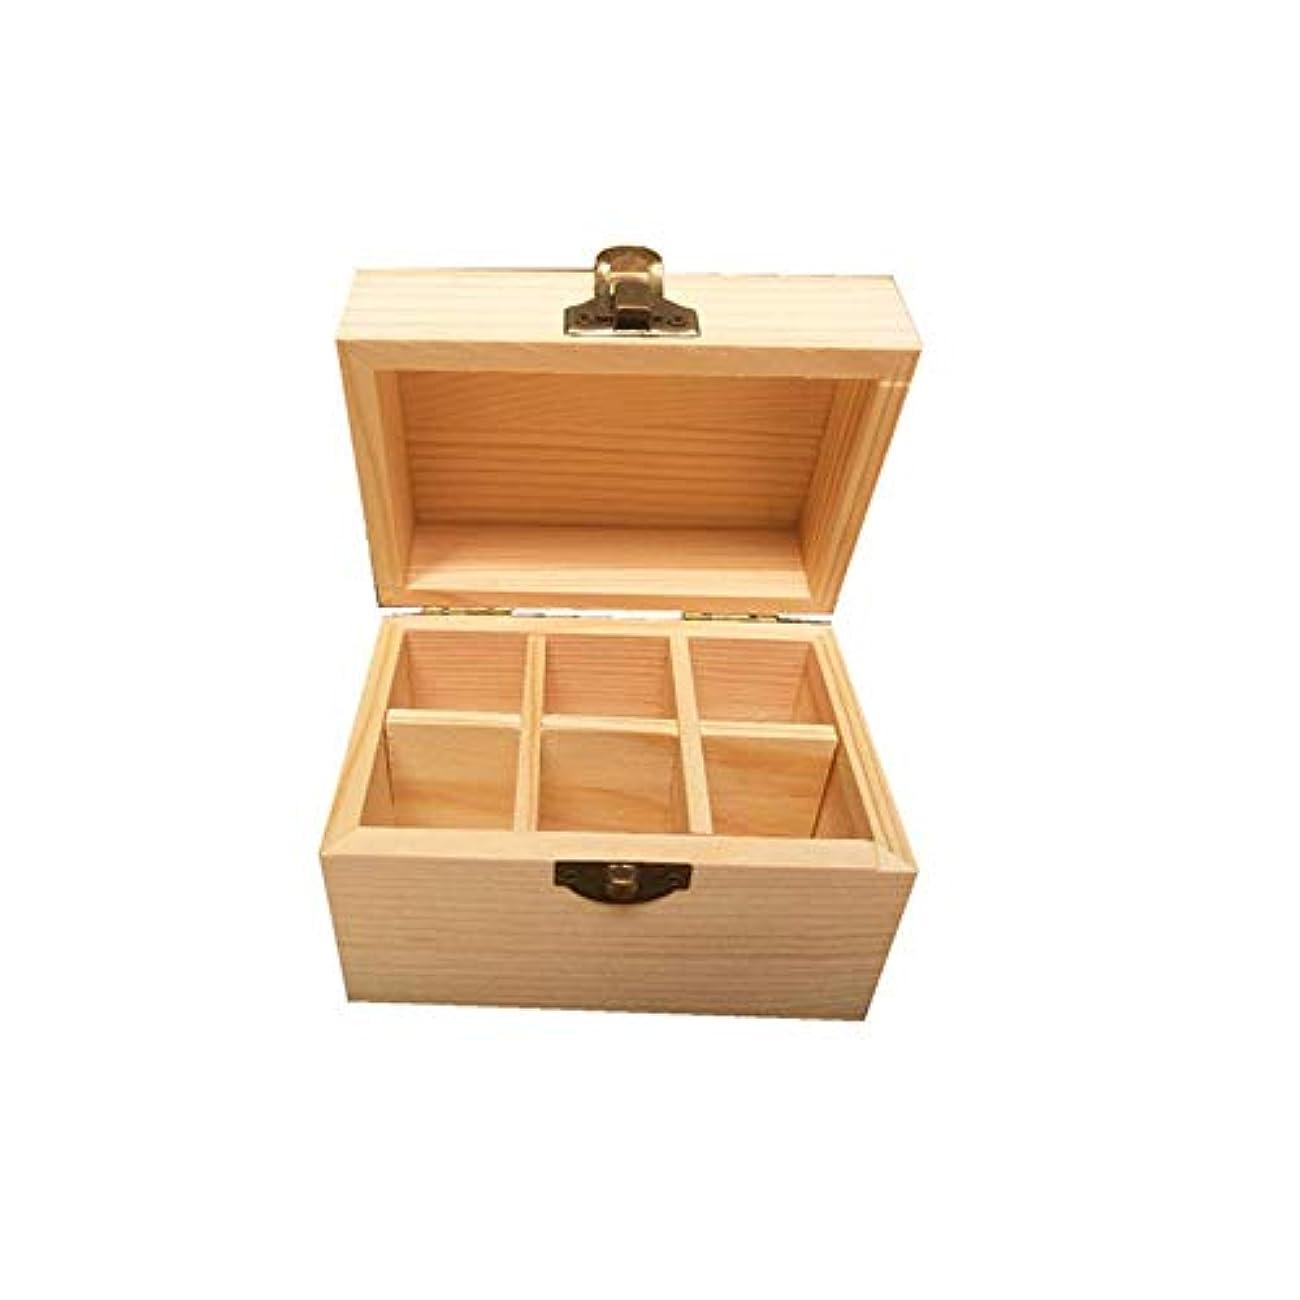 侵略パール品種アロマセラピー収納ボックス ウッド精油収納ボックスの6種類は、油があなたの最高のエッセンシャルオイルを披露完璧なケースです エッセンシャルオイル収納ボックス (色 : Natural, サイズ : 12X8X8.5CM)